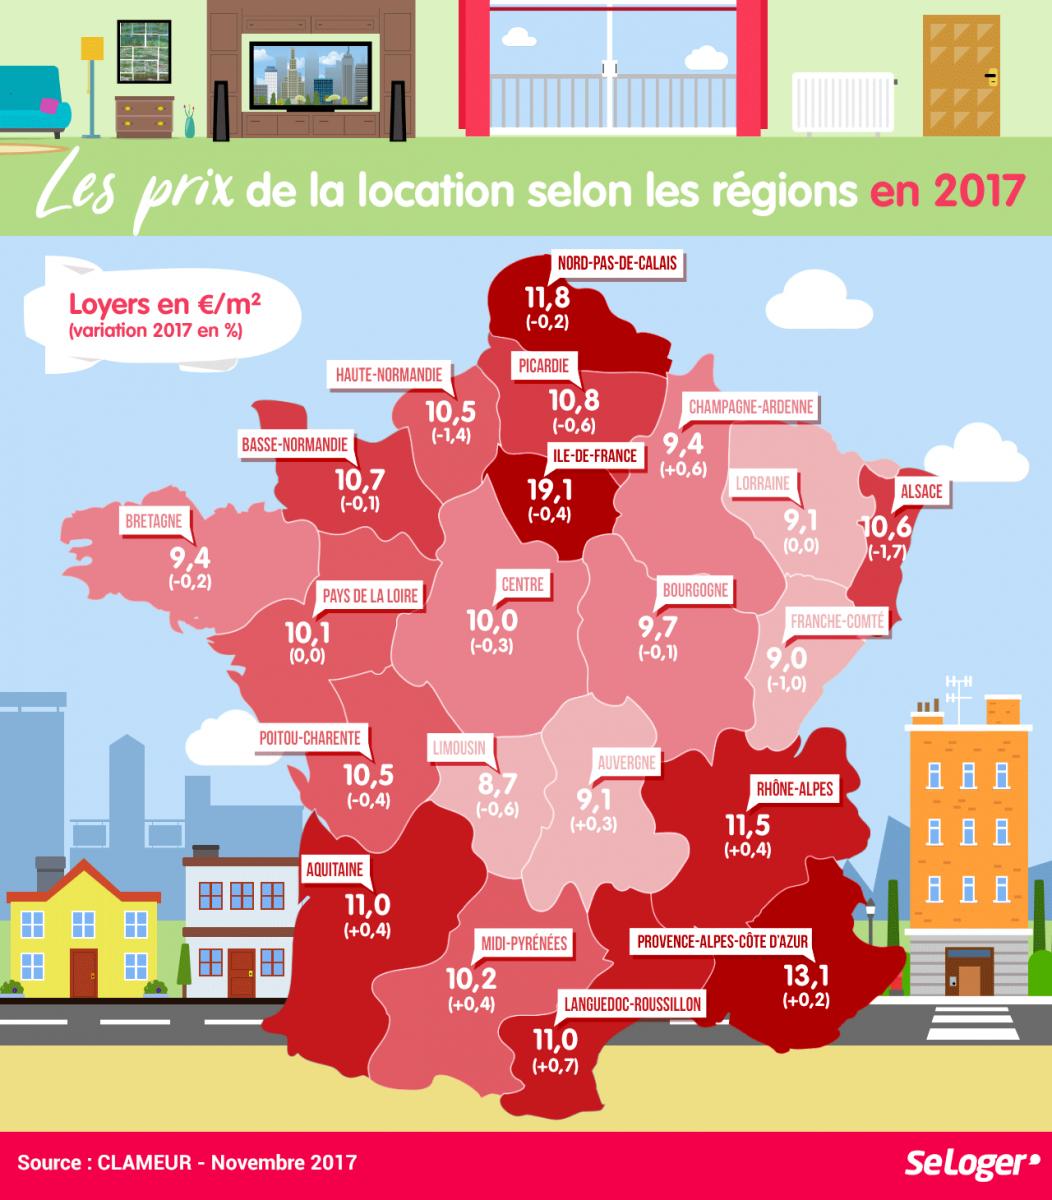 Où la vie est-elle moins chère en France?